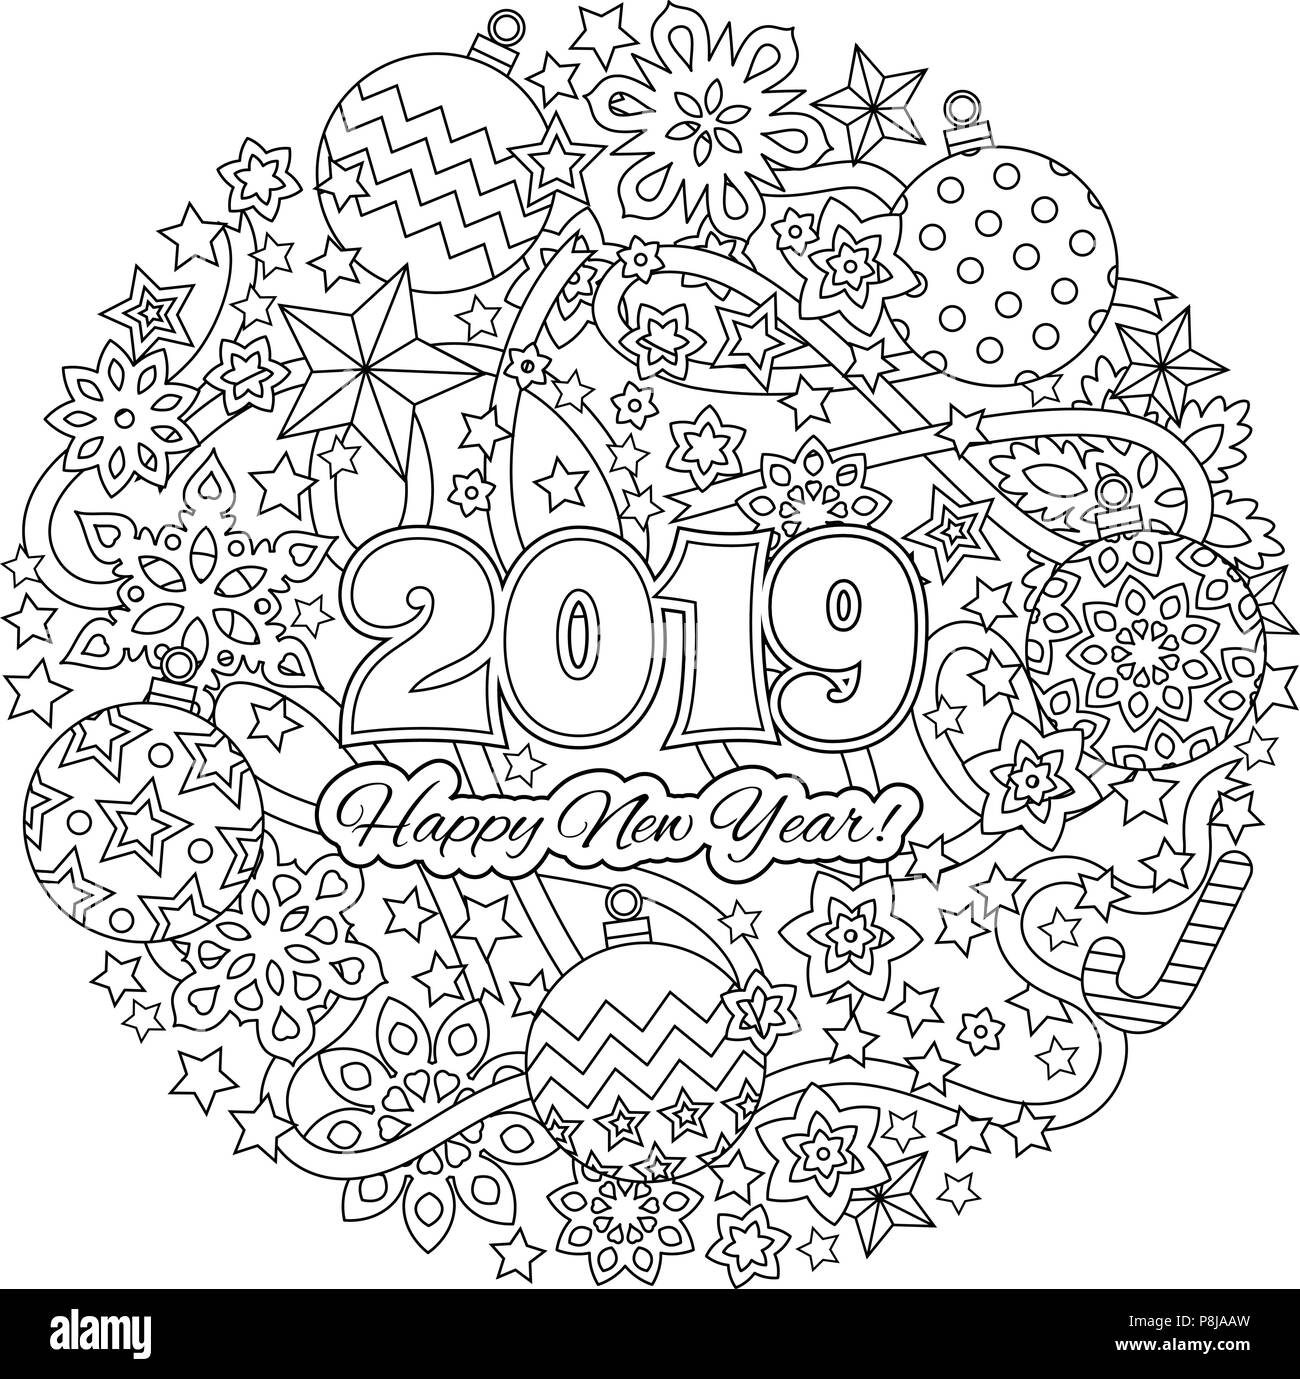 Coloriage Adulte Bonne Annee.Nouvelle Annee Carte De Felicitations Avec Les Chiffres 2018 Sur